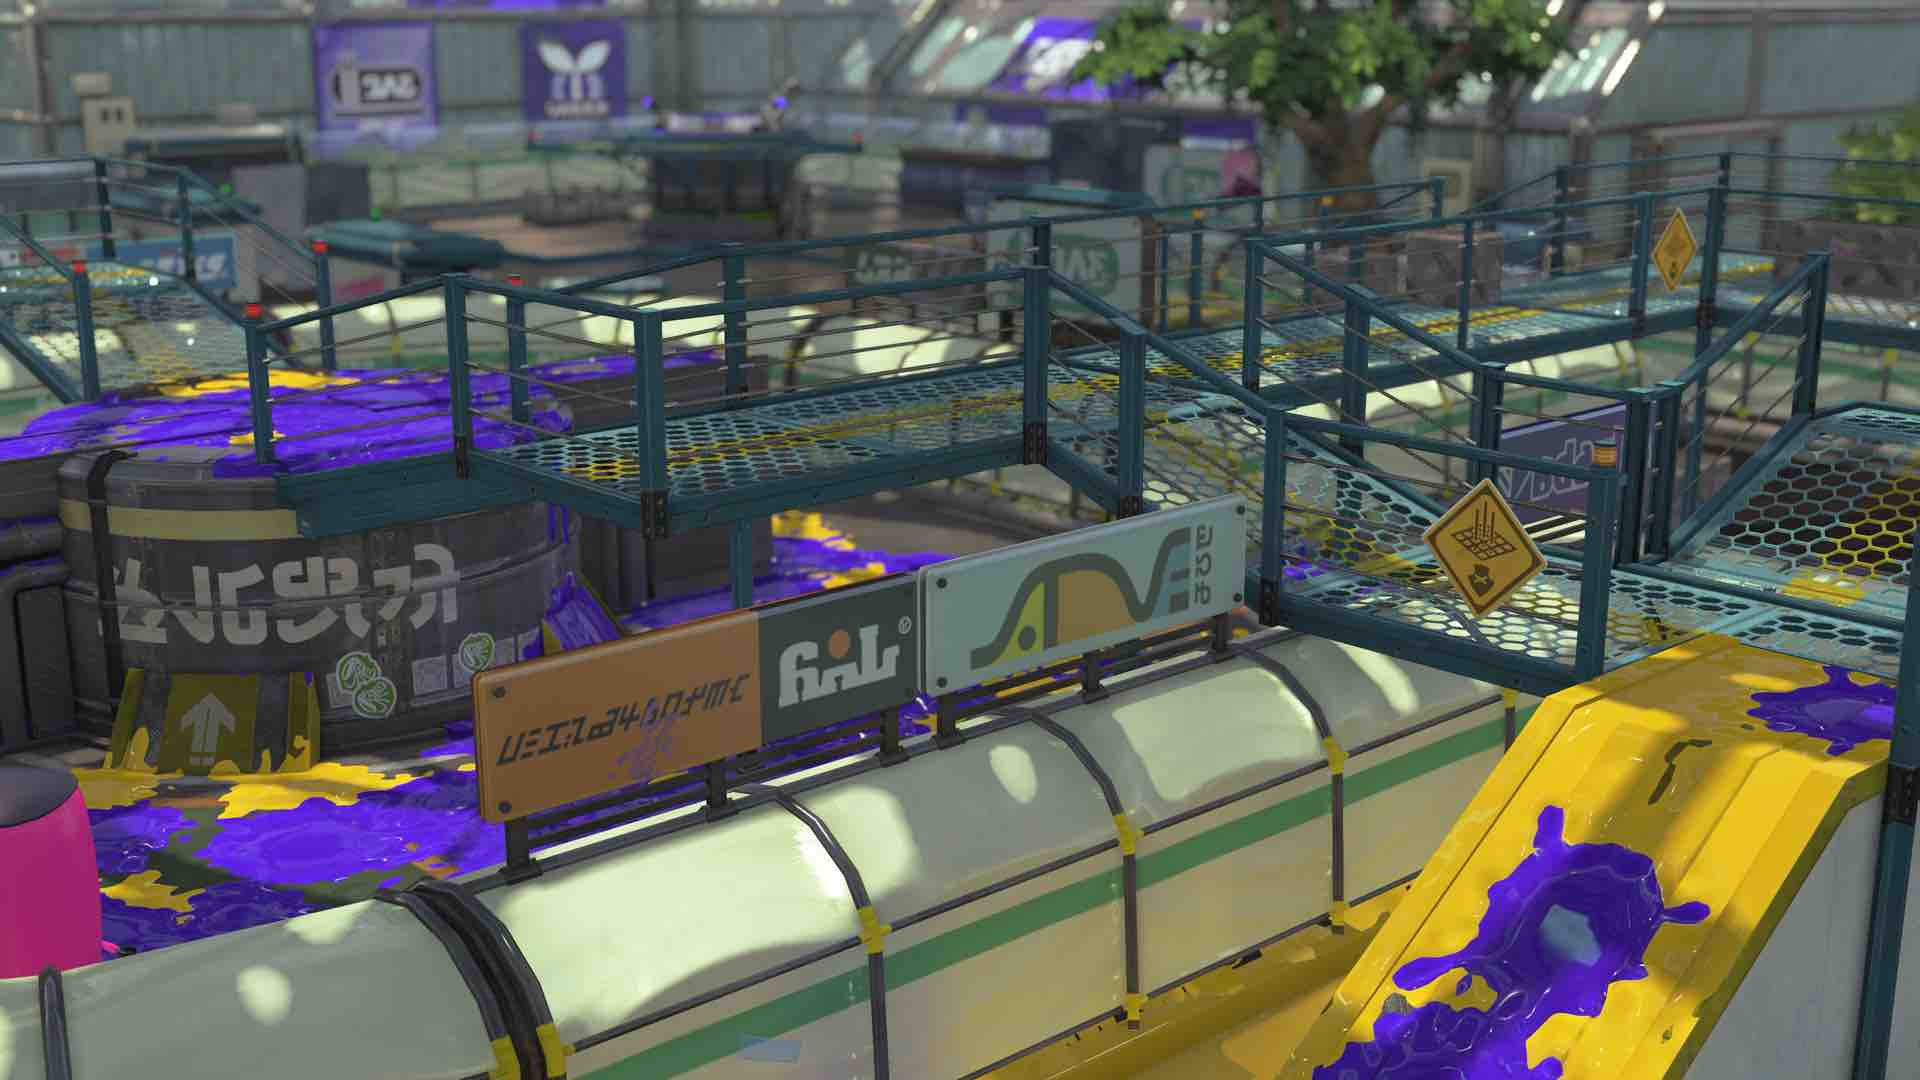 splatoon-2-kelp-dome-screenshot-2